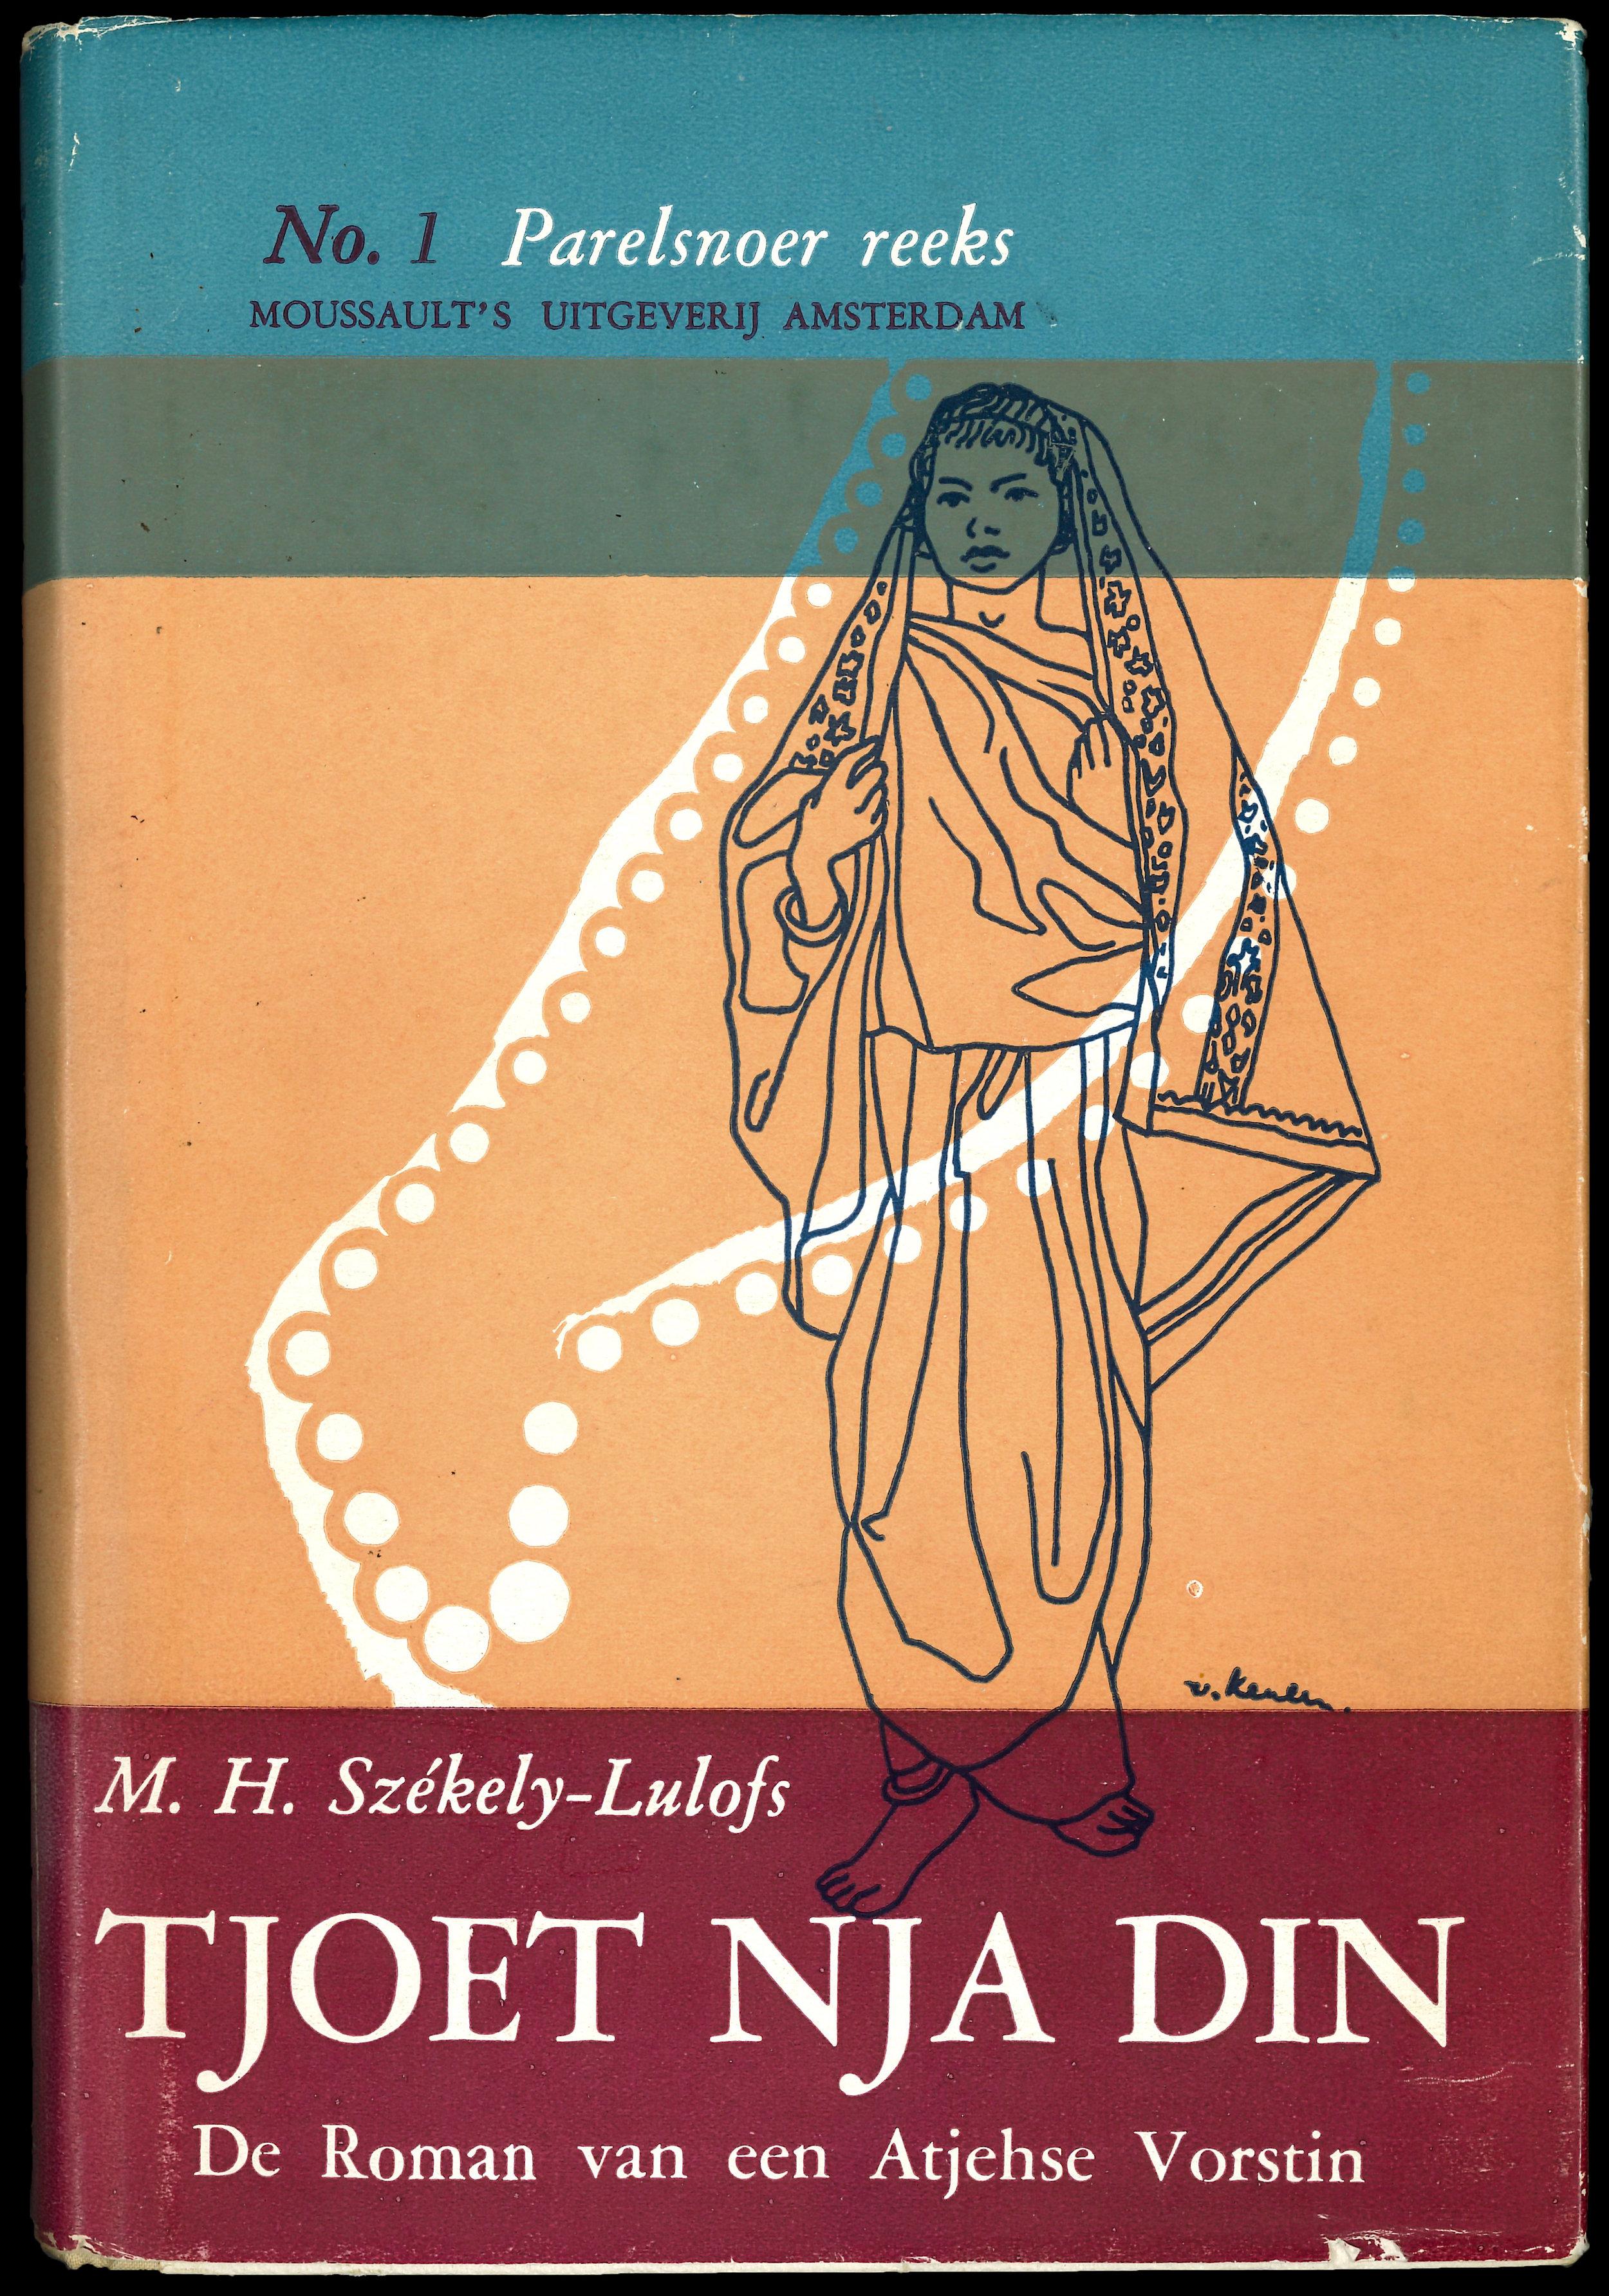 - Boek Tjoet Nja Din, De roman van een Atjehse vorstin geschreven door Székely-Lulofs (1948)